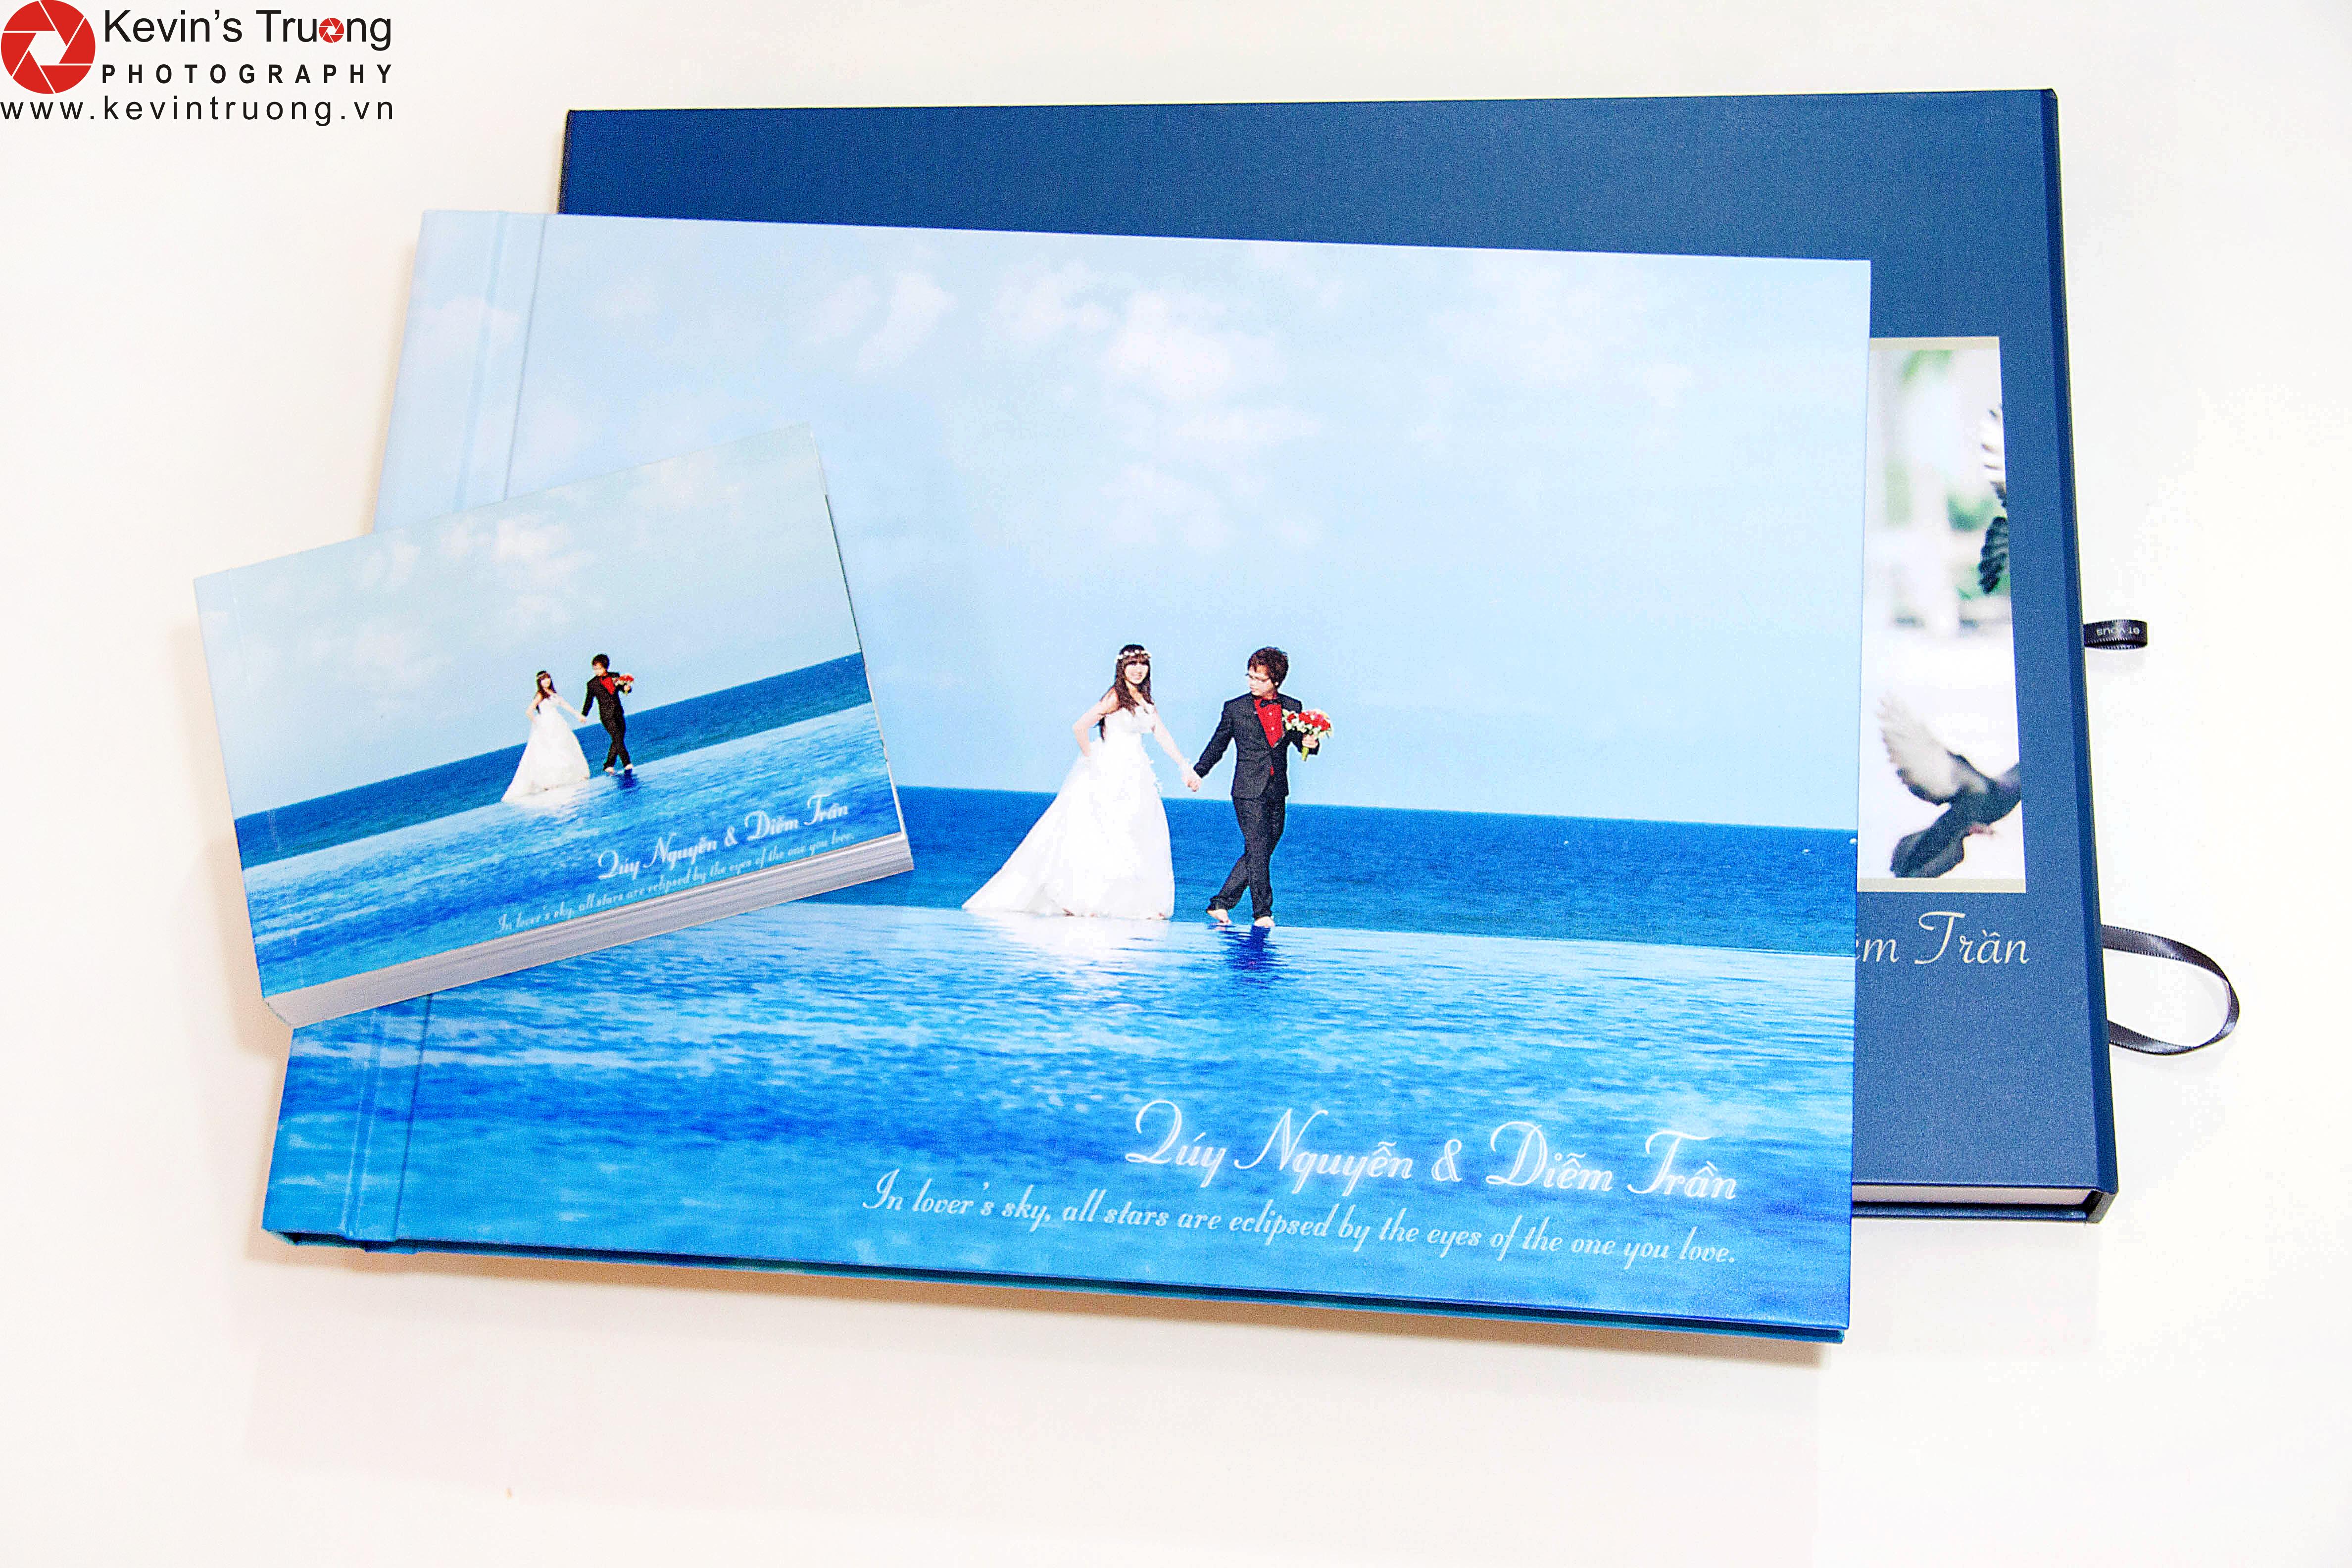 Gia Công-In Album Cát Kim Tuyến-Album 3D,Photobook,Ép gỗ các loại - 34